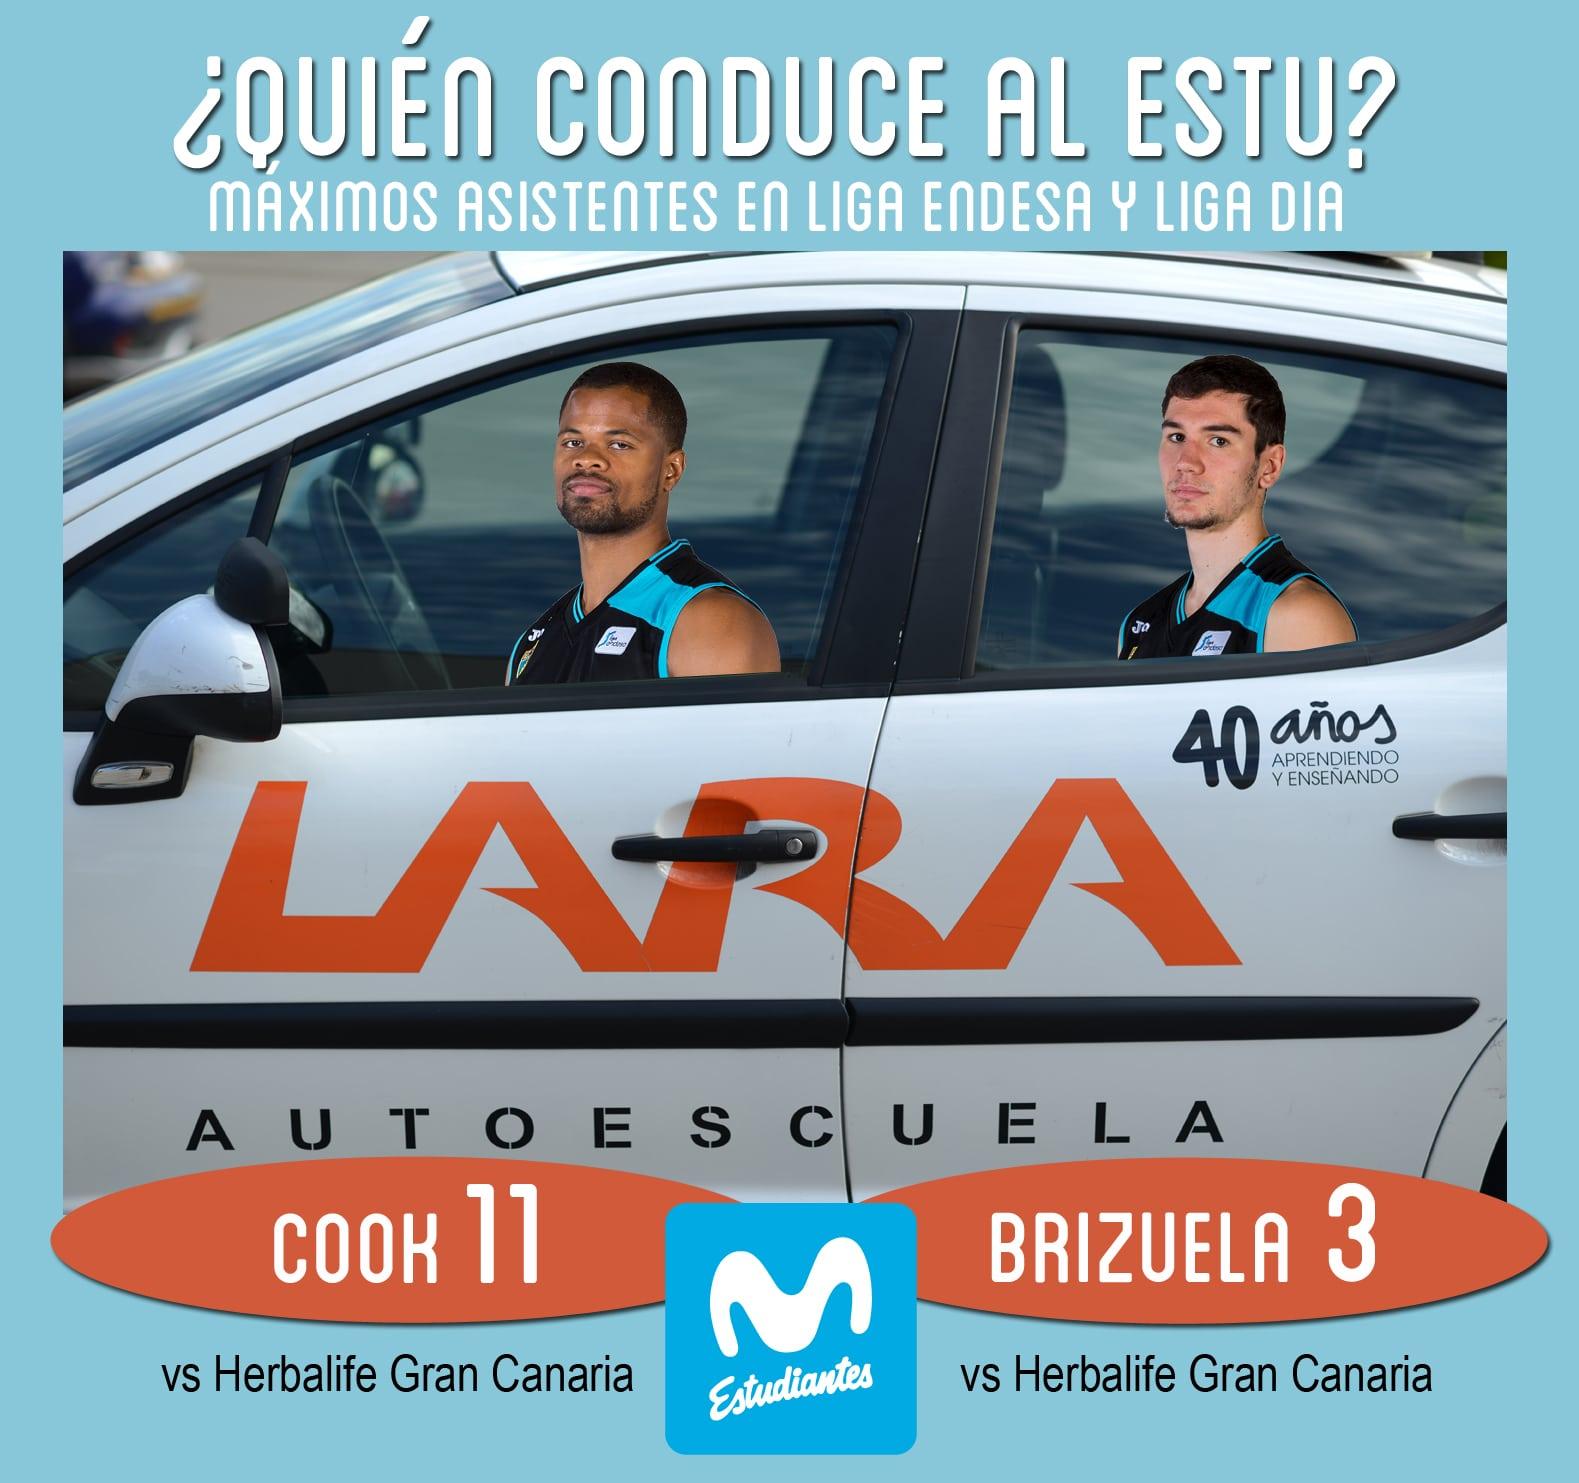 Conductores Autoescuela Lara: Cook y Brizuela